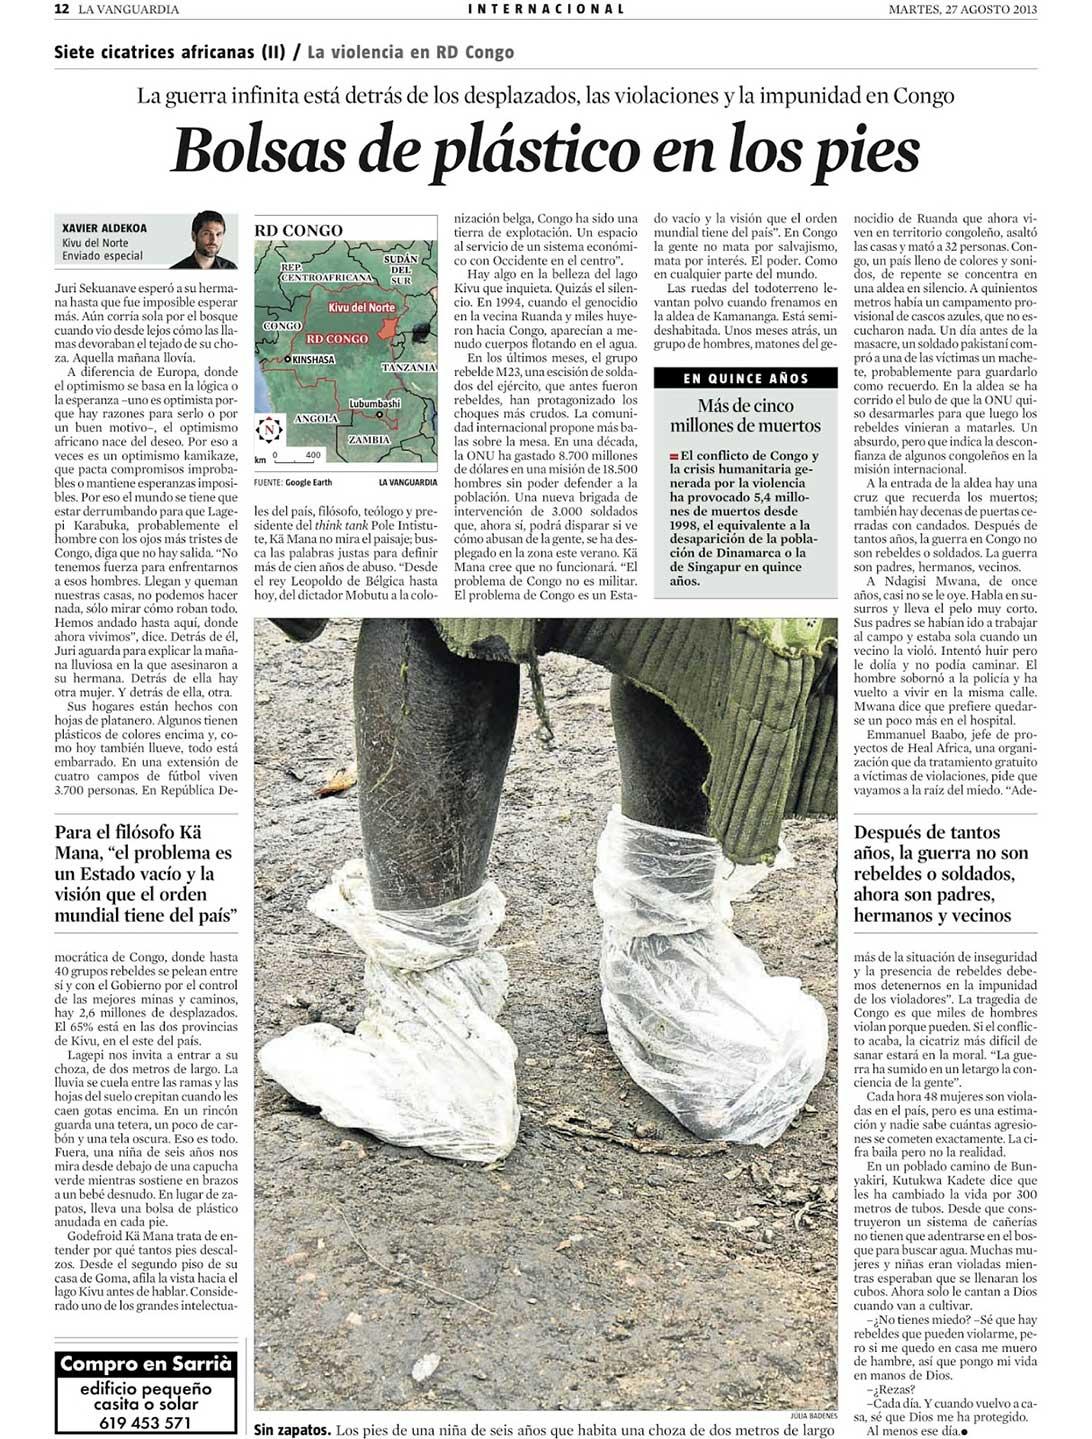 Bolsas de plástico en los pies